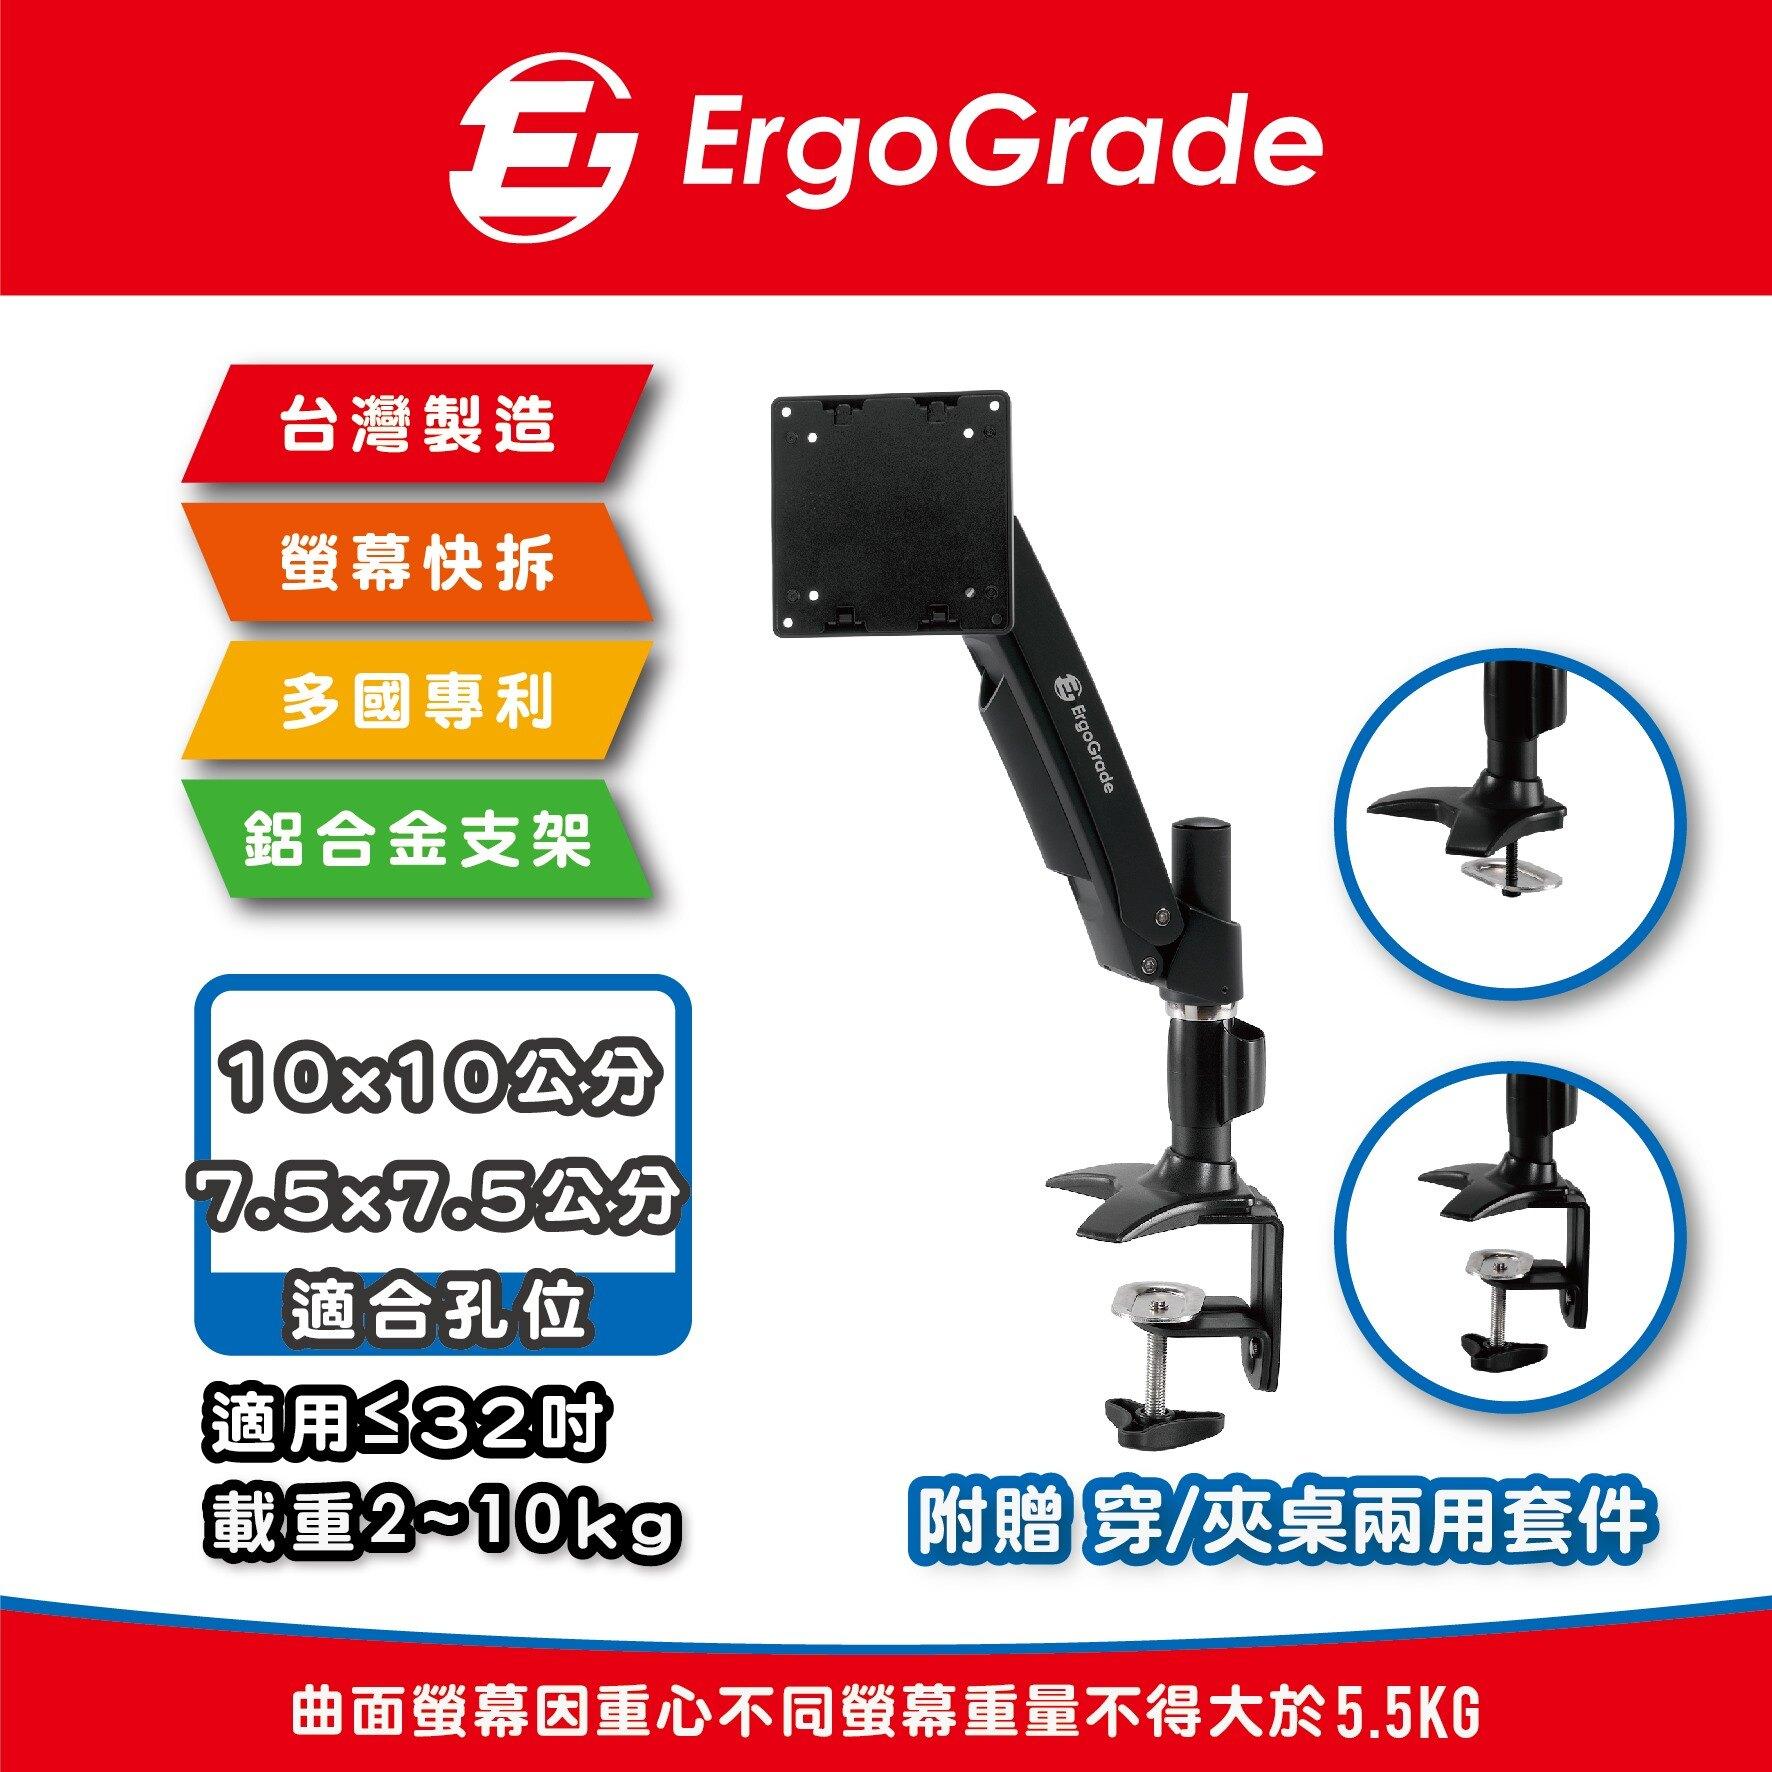 快拆式鋁合金穿夾兩用單臂螢幕支架(EGATC10Q)電腦螢幕支架/支撐架/螢幕架/穿桌/夾桌